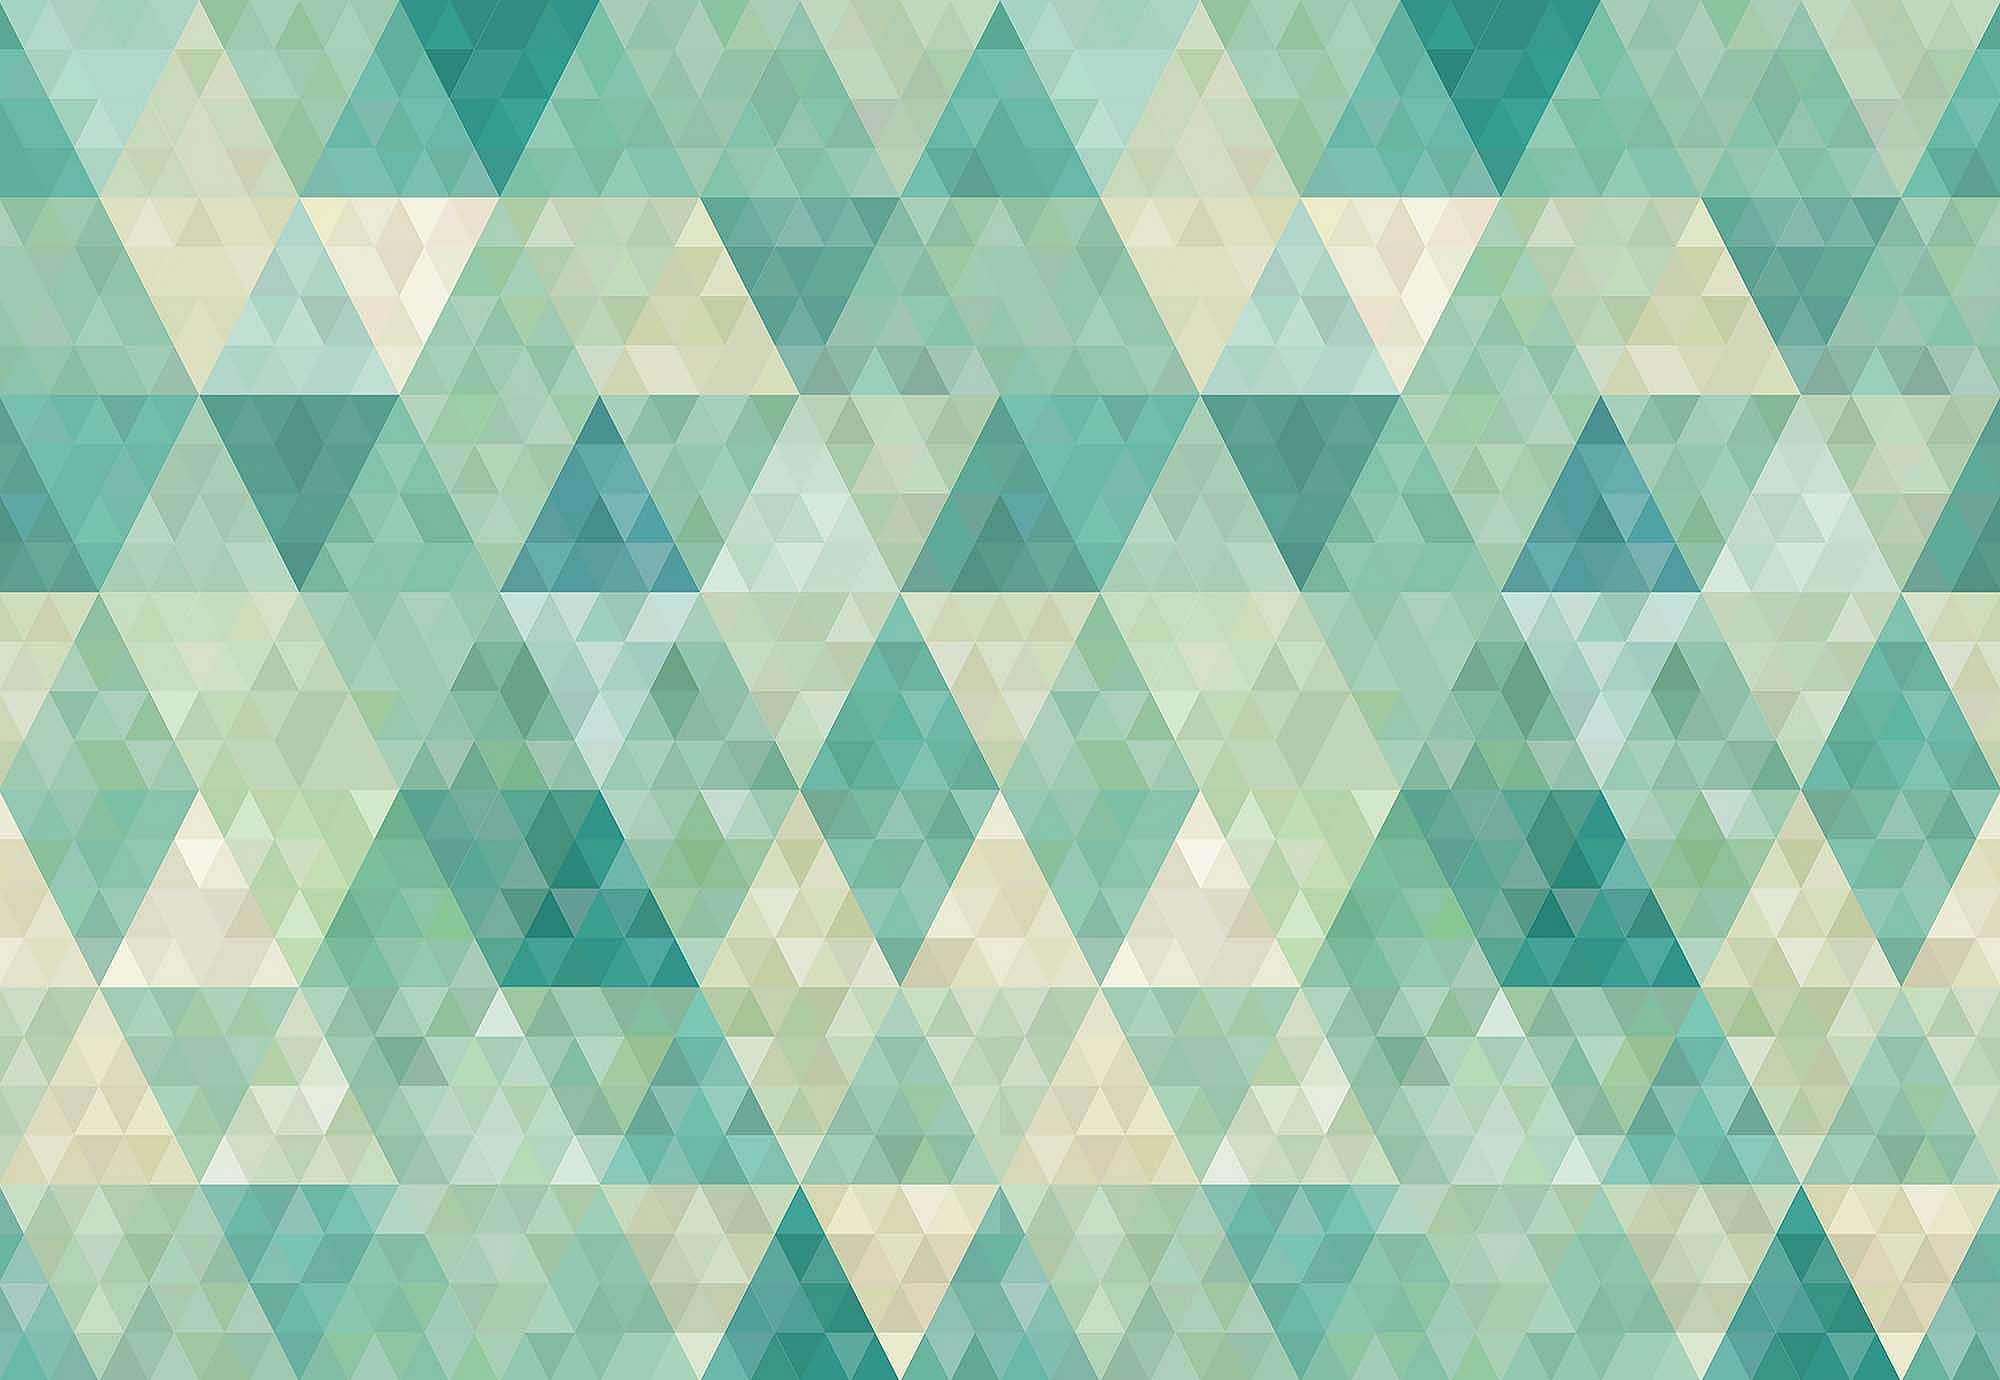 Fali poszter zöldes geometriai mintával